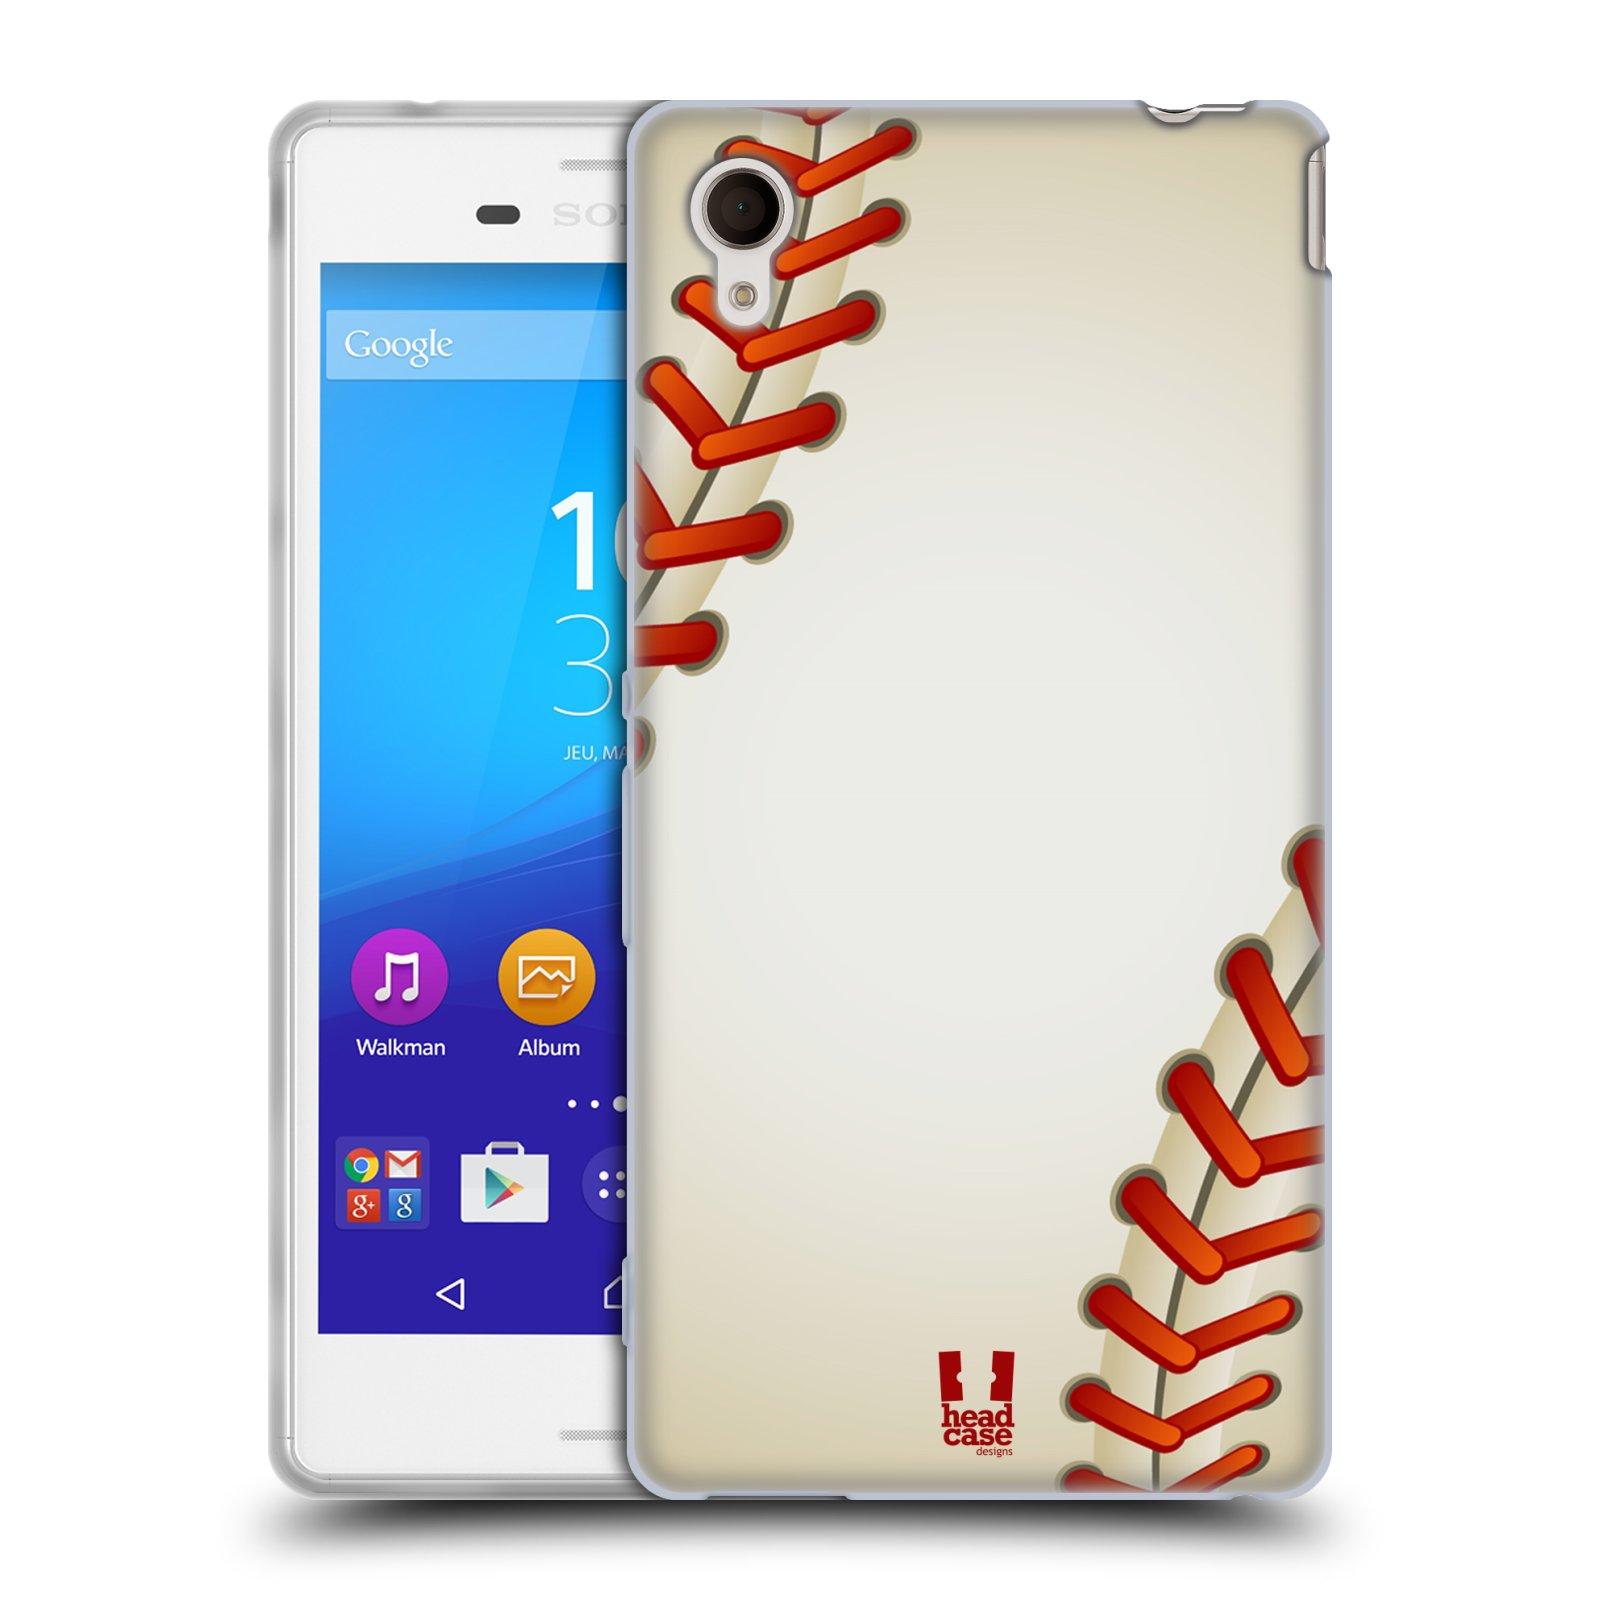 Silikonové pouzdro na mobil Sony Xperia M4 Aqua E2303 HEAD CASE KRIKEŤÁK (Silikonový kryt či obal na mobilní telefon Sony Xperia M4 Aqua a M4 Aqua Dual SIM)